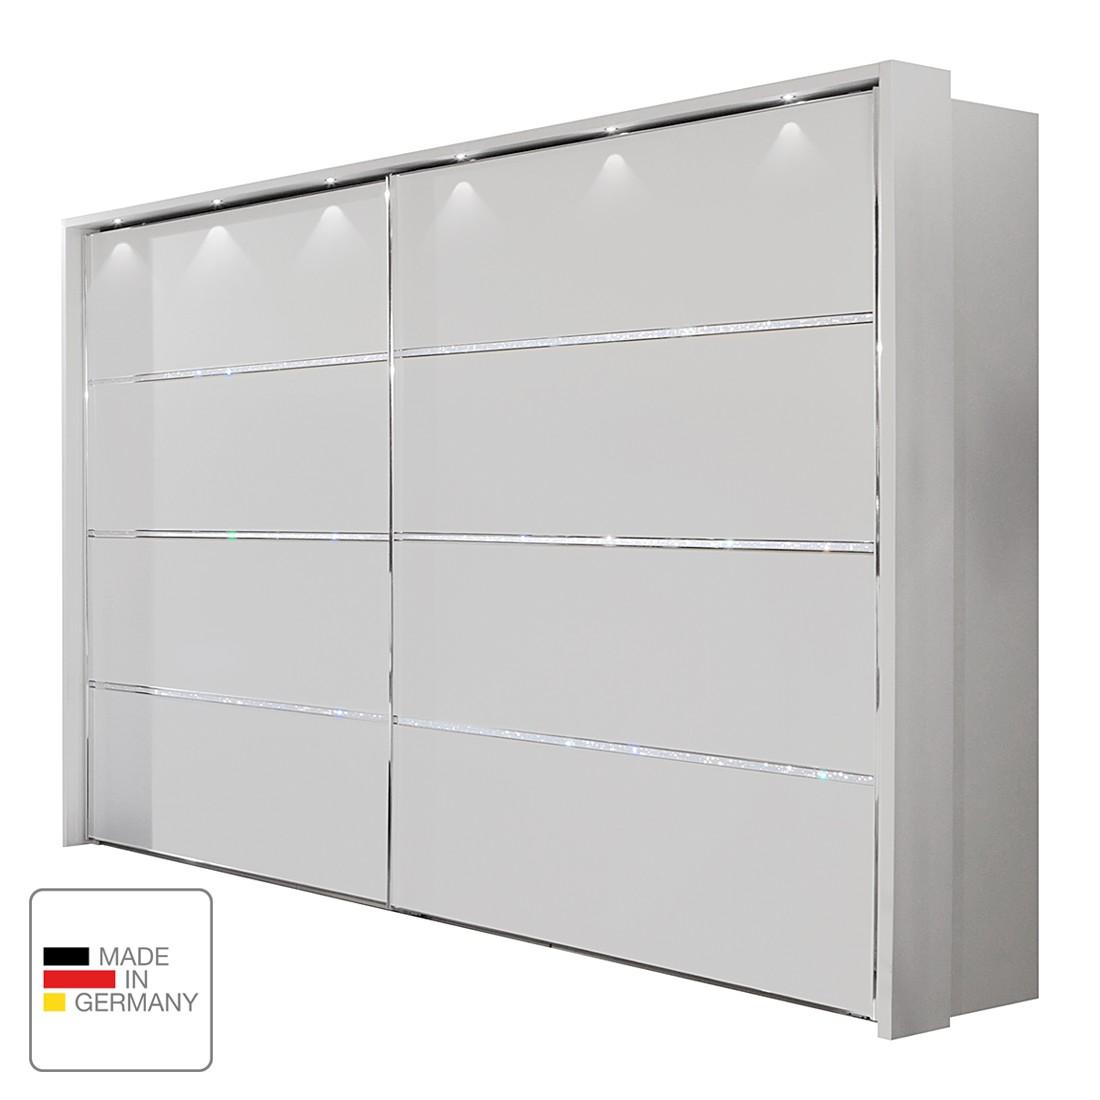 EEK A+, Armoire à portes coulissantes Dubai II - Blanc alpin - 200 cm (2 portes) - Avec cadre passep